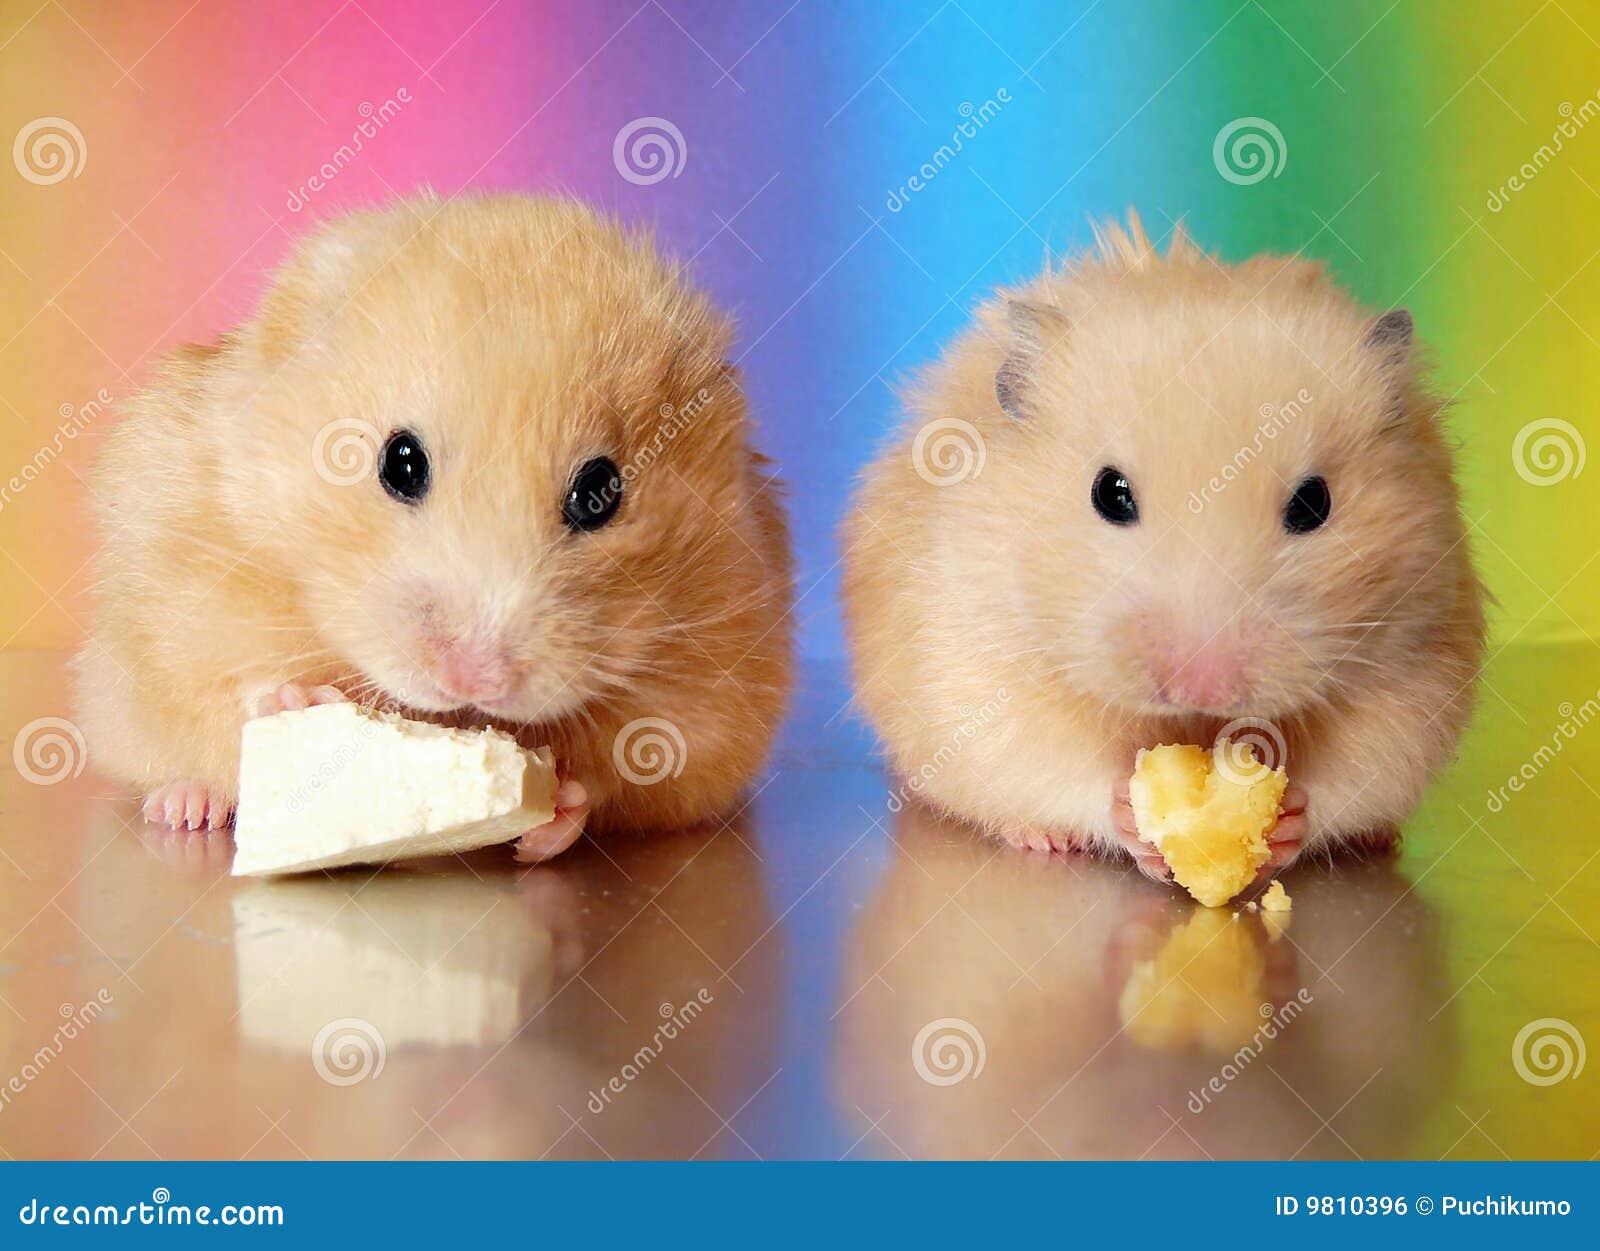 skachat-hamster